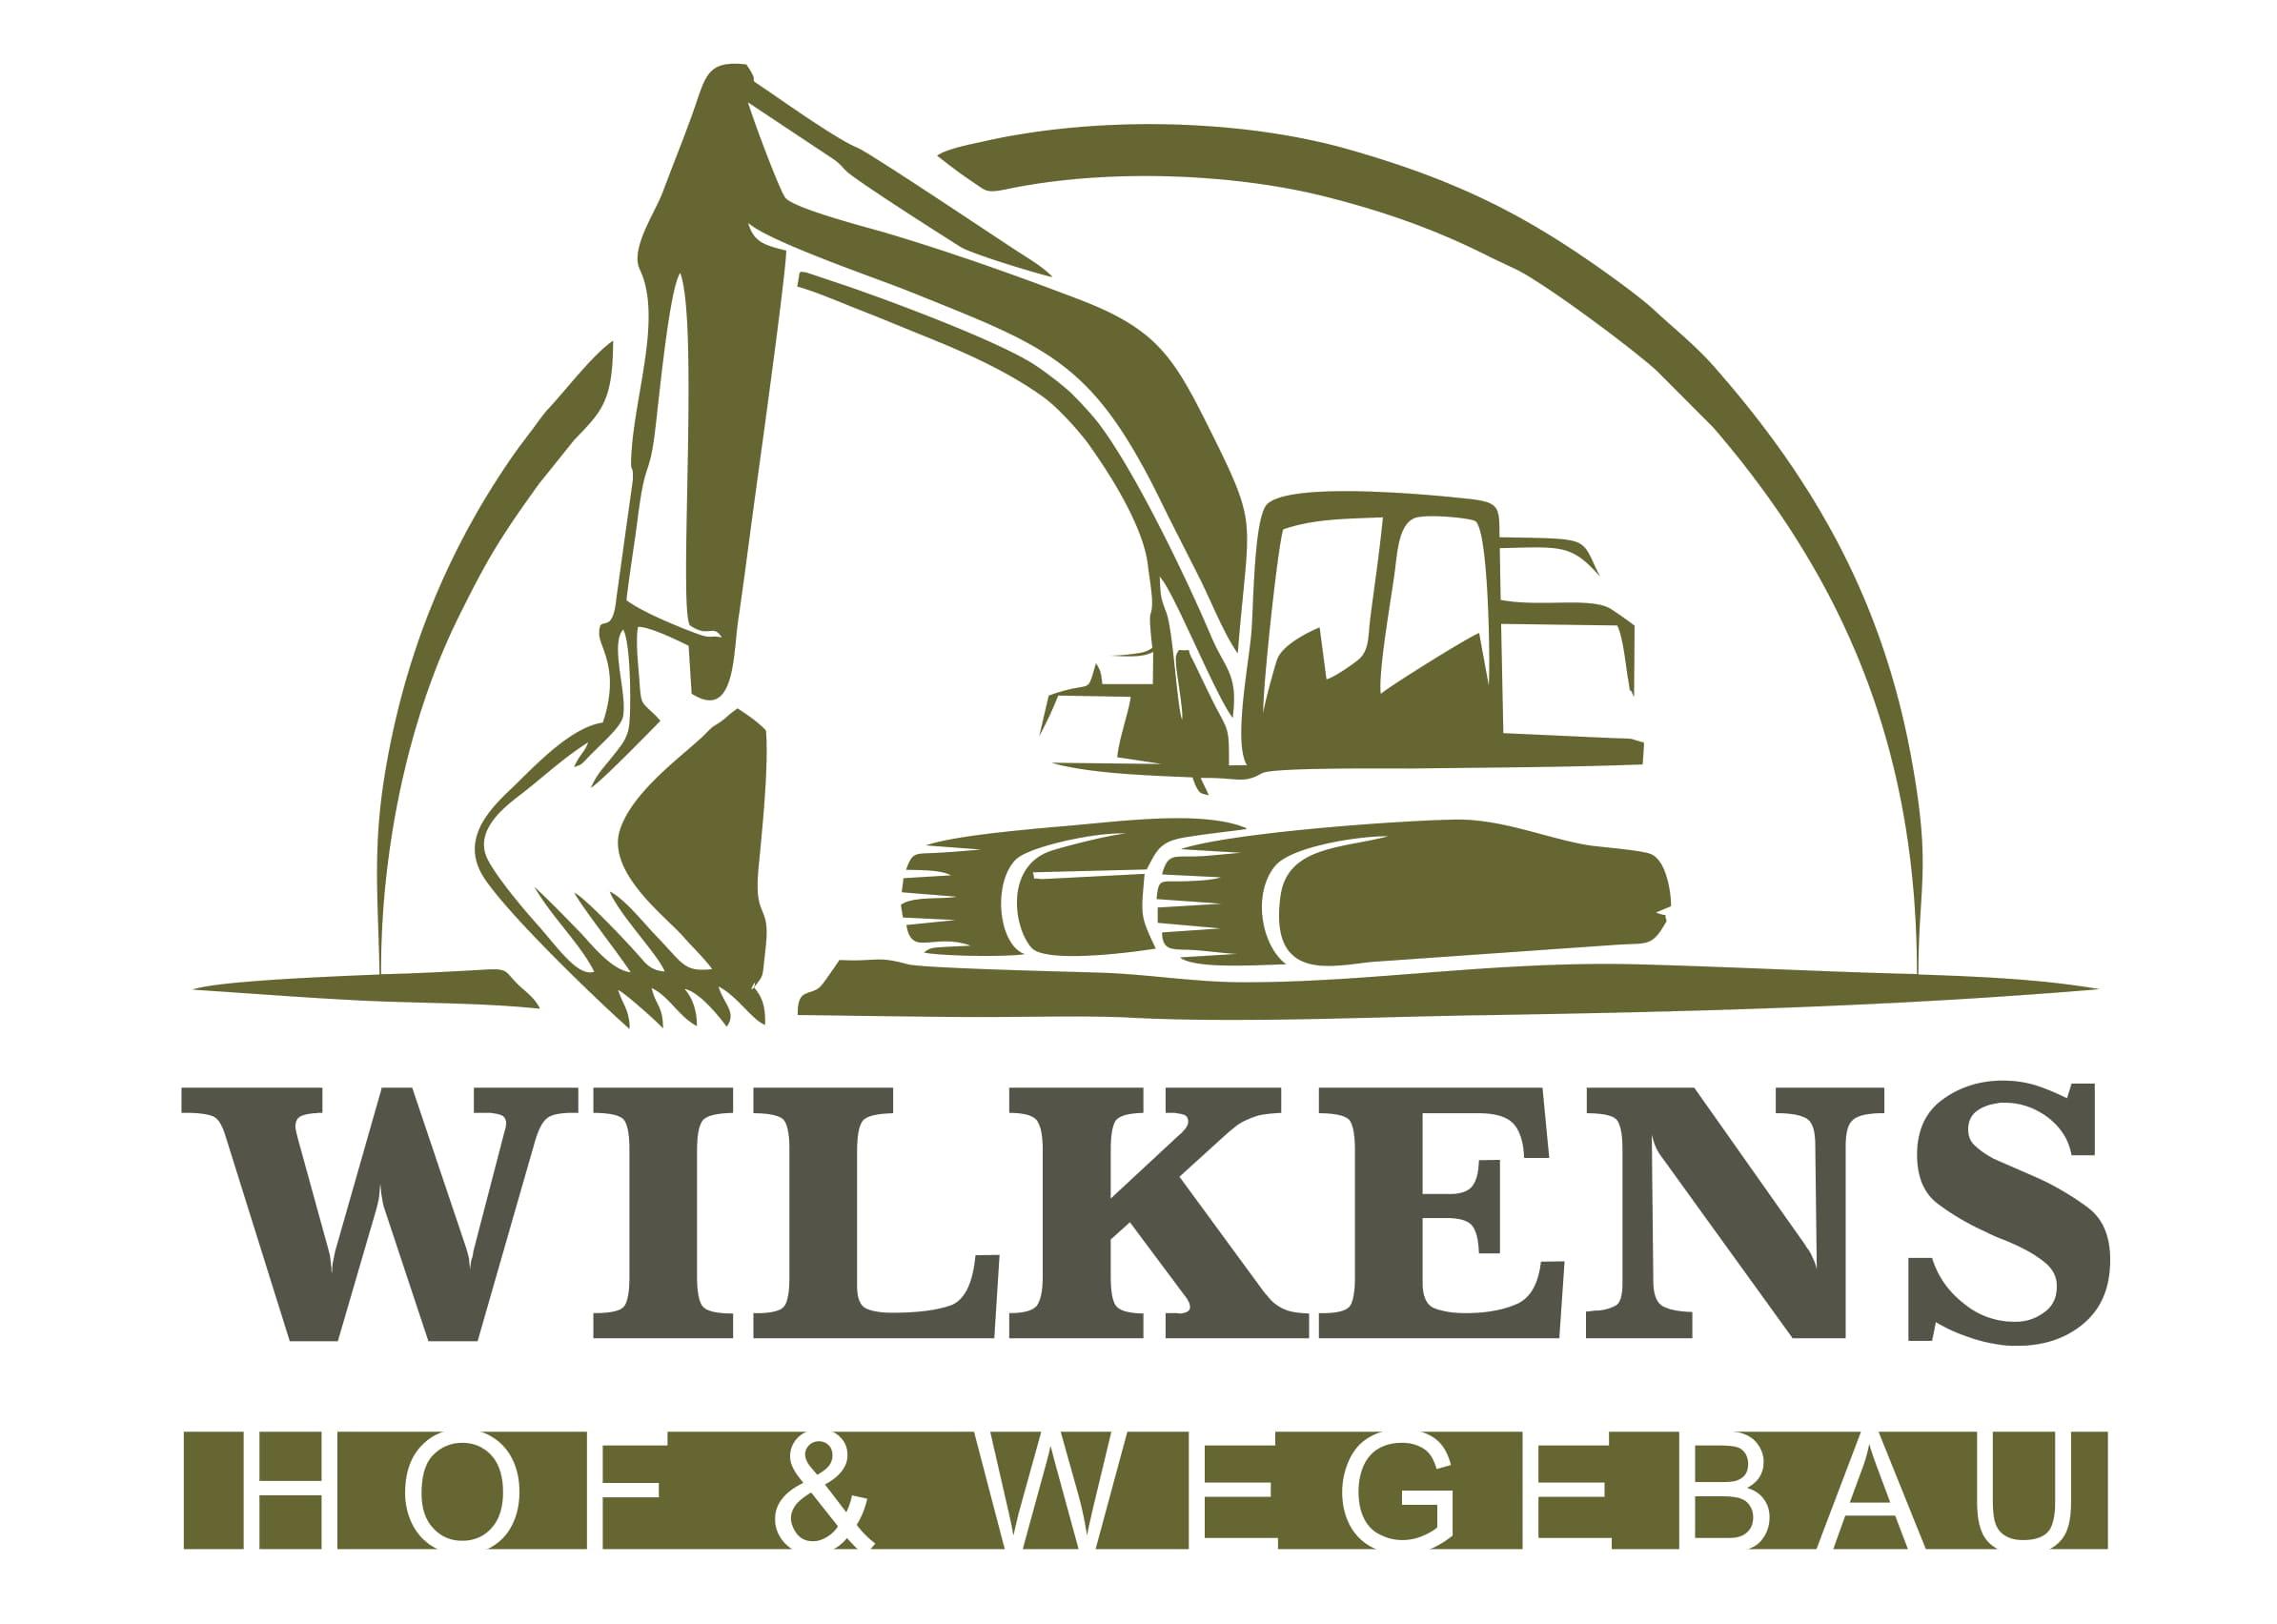 Wilkens Hof- und Wegebau